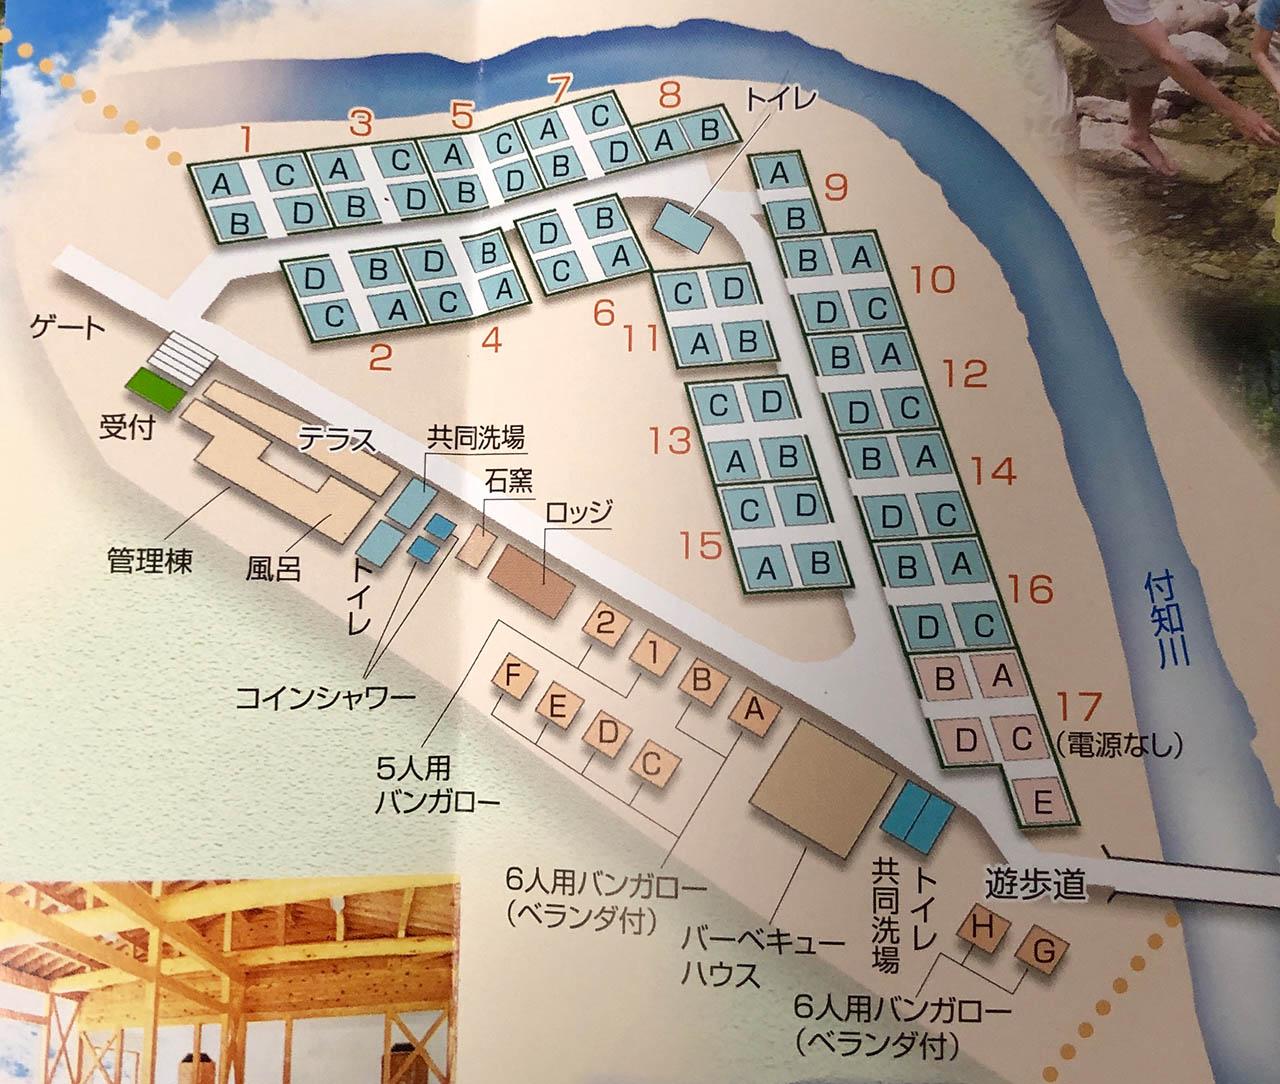 福岡ローマン渓谷オートキャンプ場のマップ